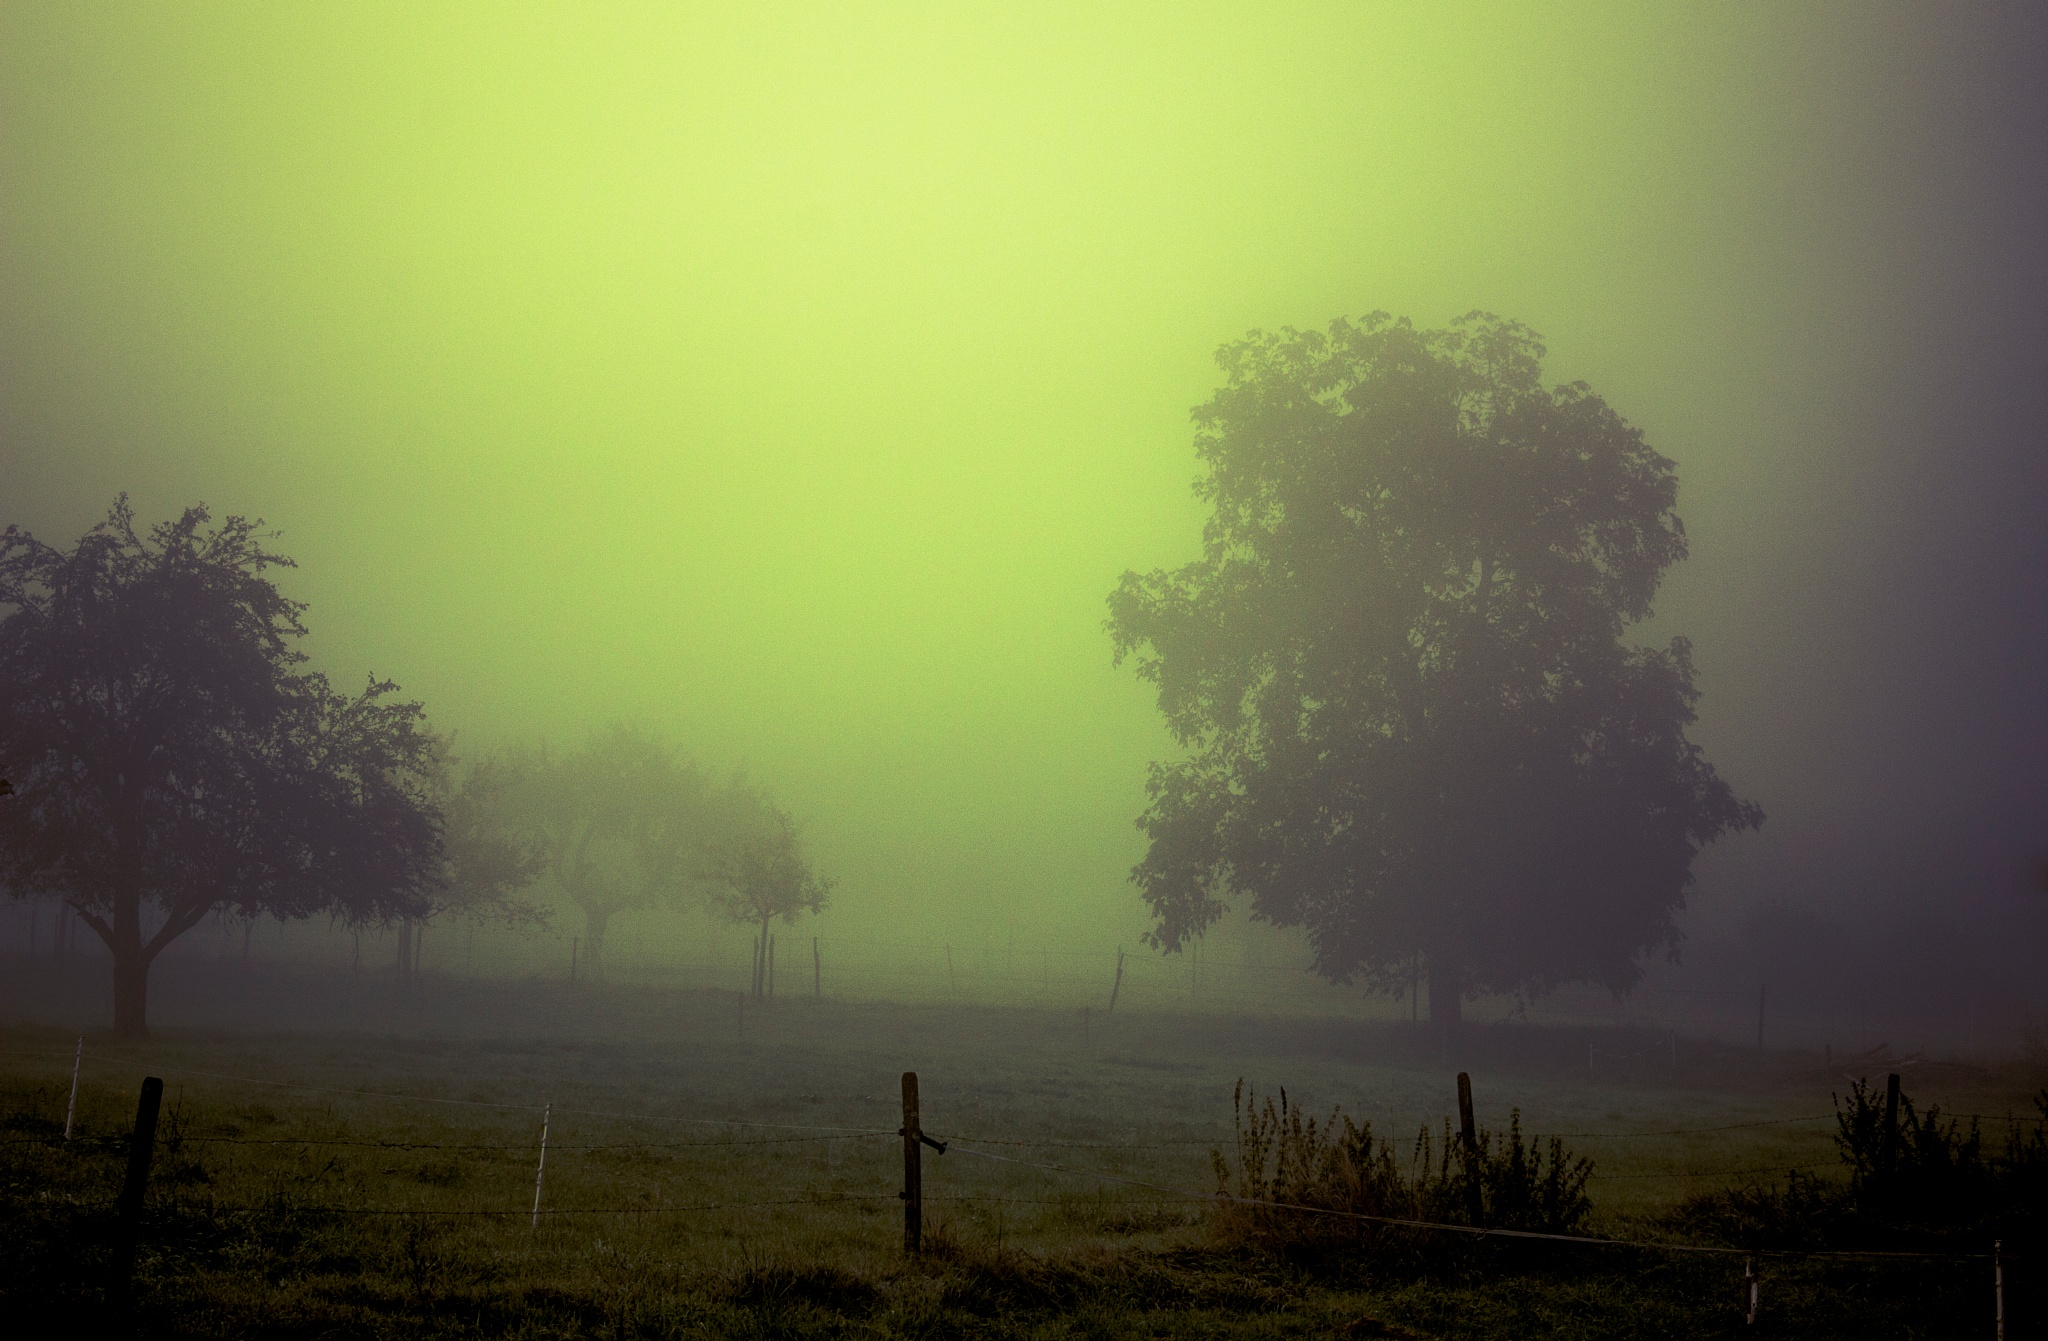 misty by John Palmer